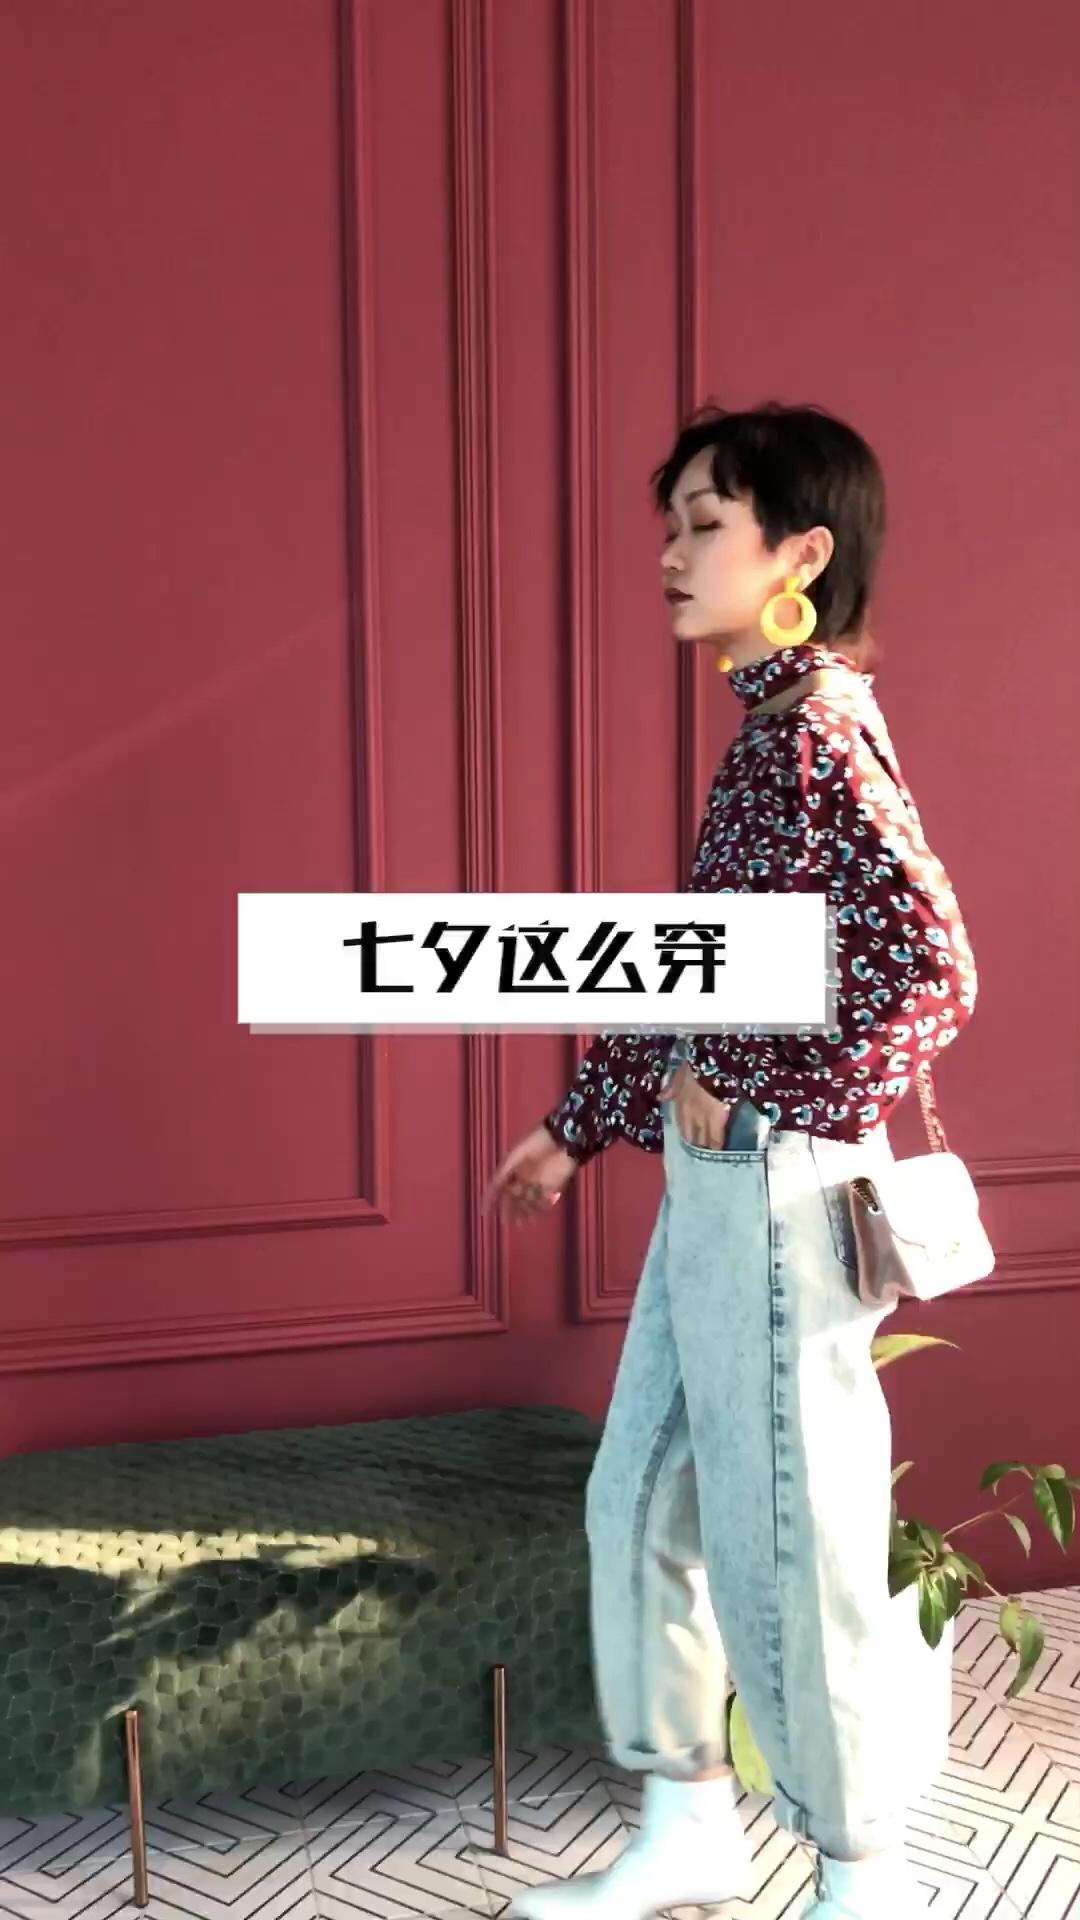 七夕这么穿! 温柔雪纺衫搭配牛仔裤 甜美又时髦 #IU变身复古风白富美,我可!!#